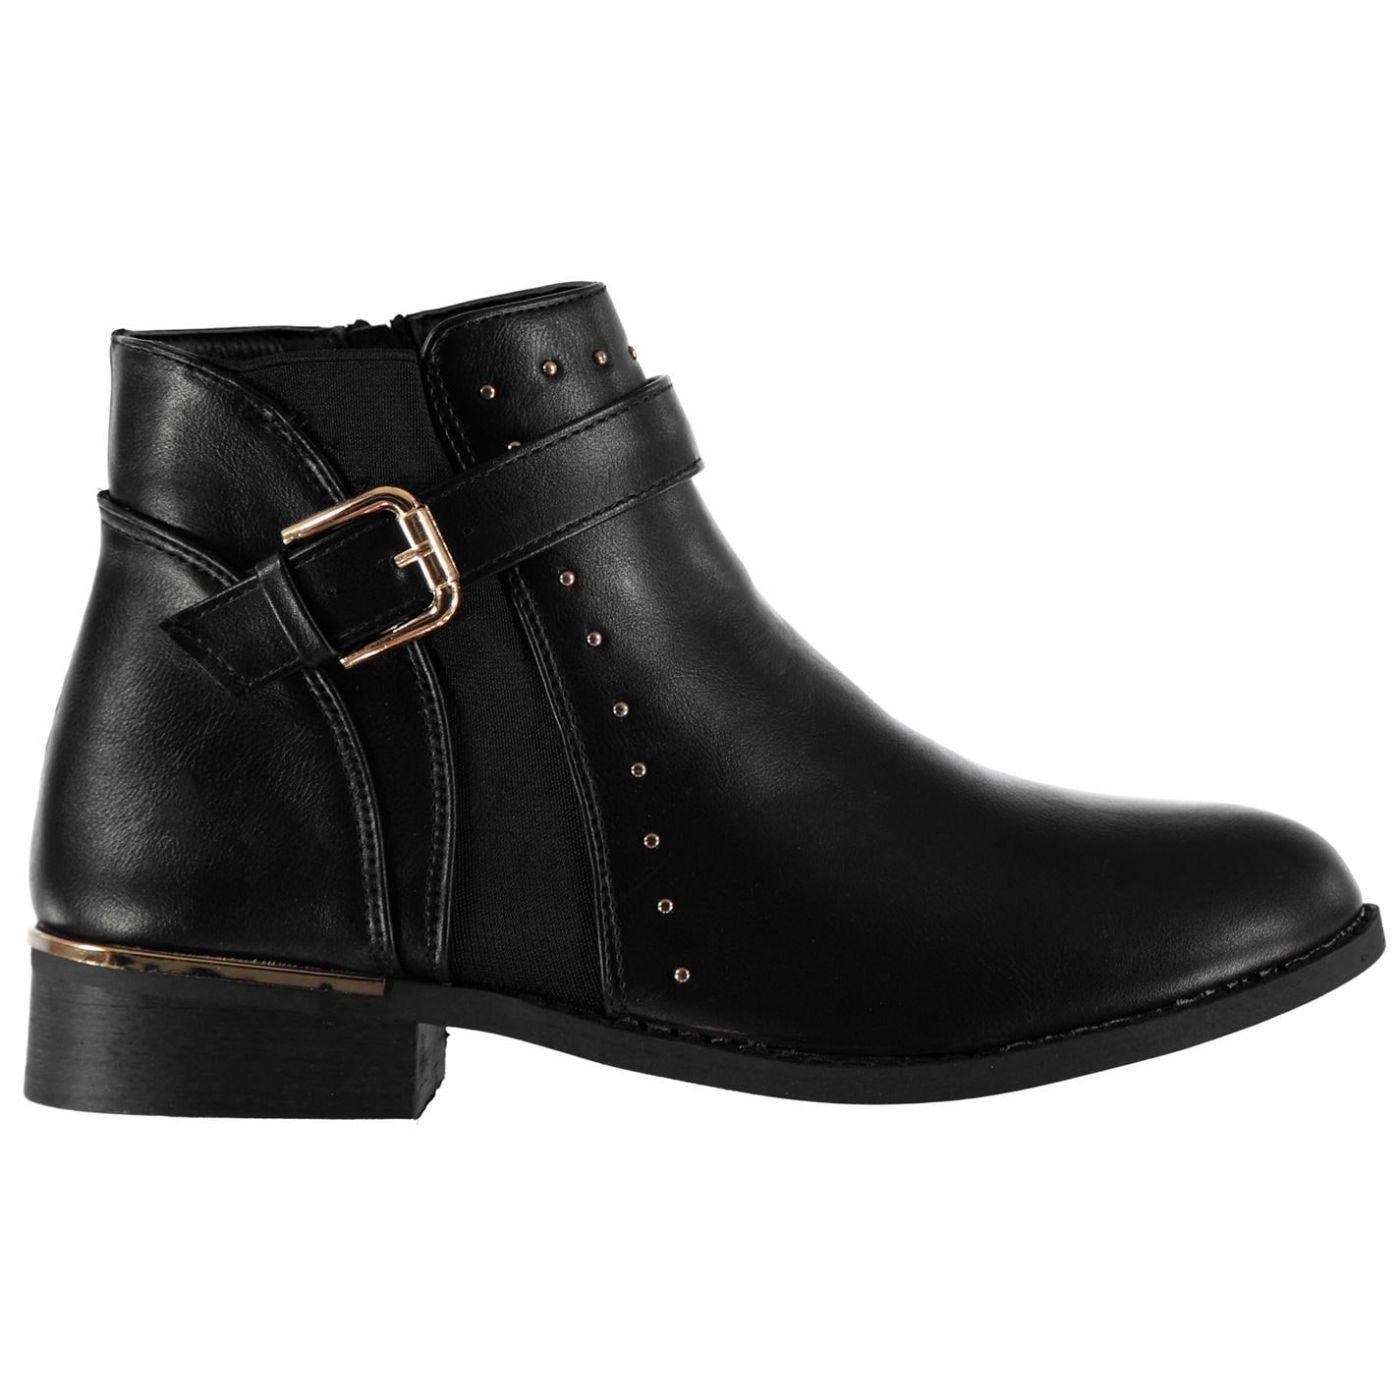 Topway Boots Ladies